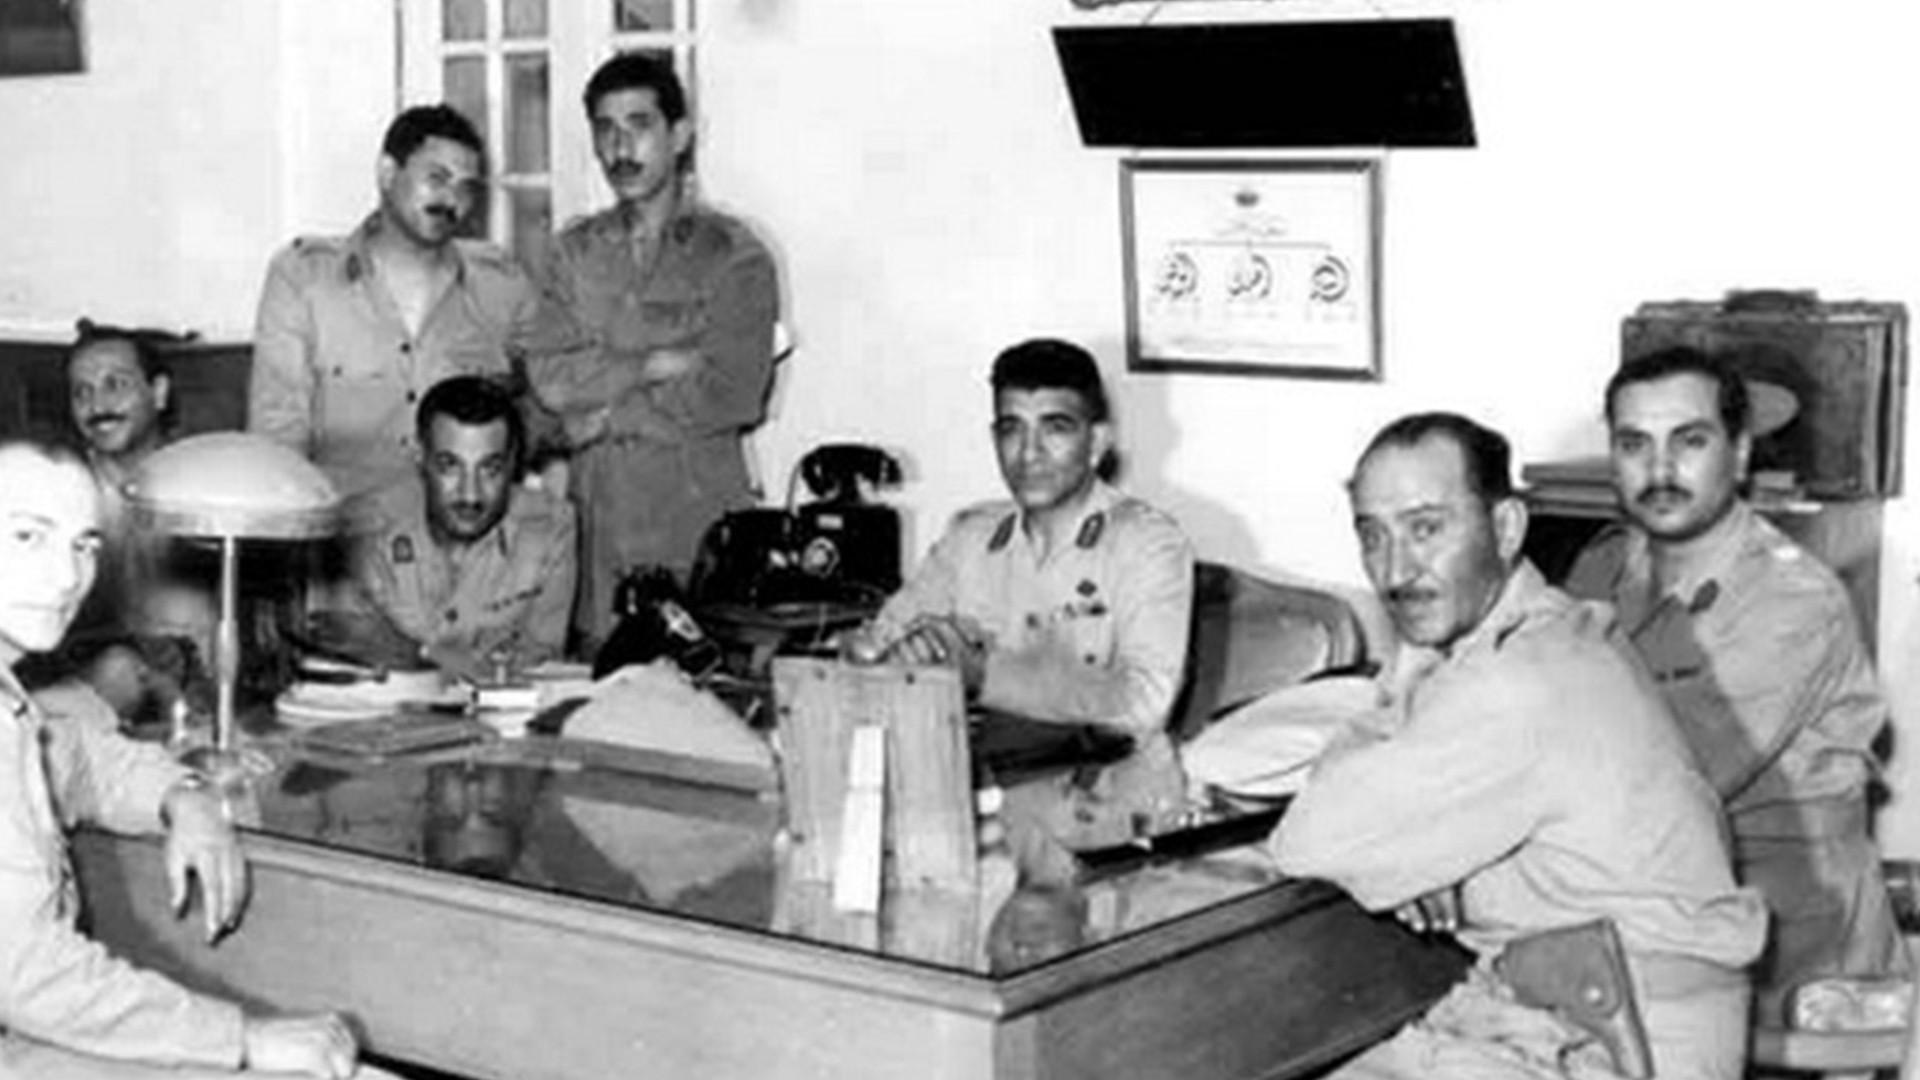 خبايا نكسة 67 وتفاصيل خلافات مجلس قيادة الثورة  في تنظيم الضباط الأحرار